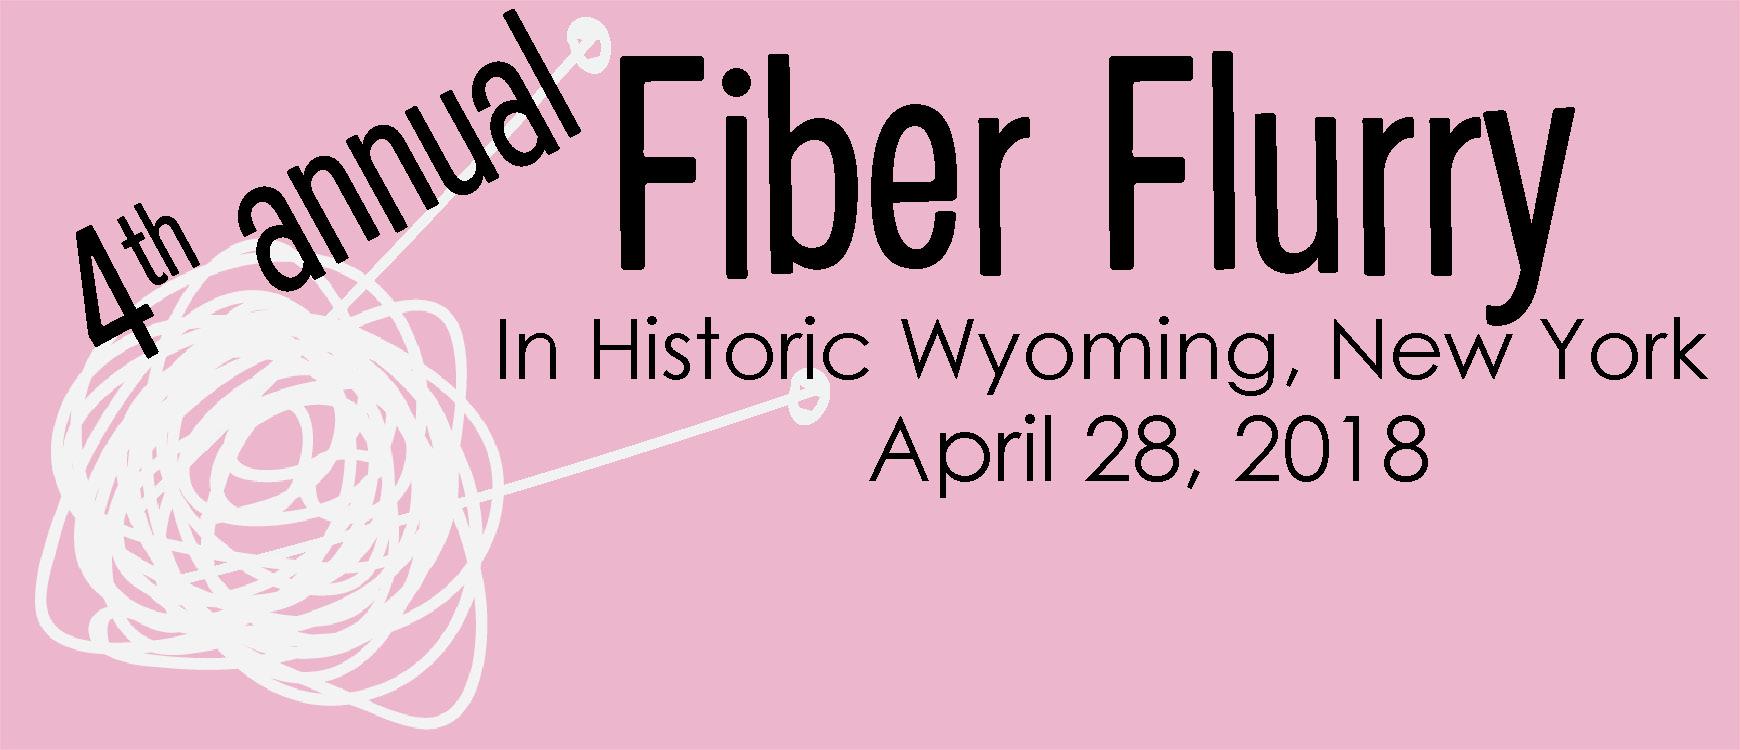 Fiber Flurry Fiber Arts Festival: Workshops, Shopping & Art